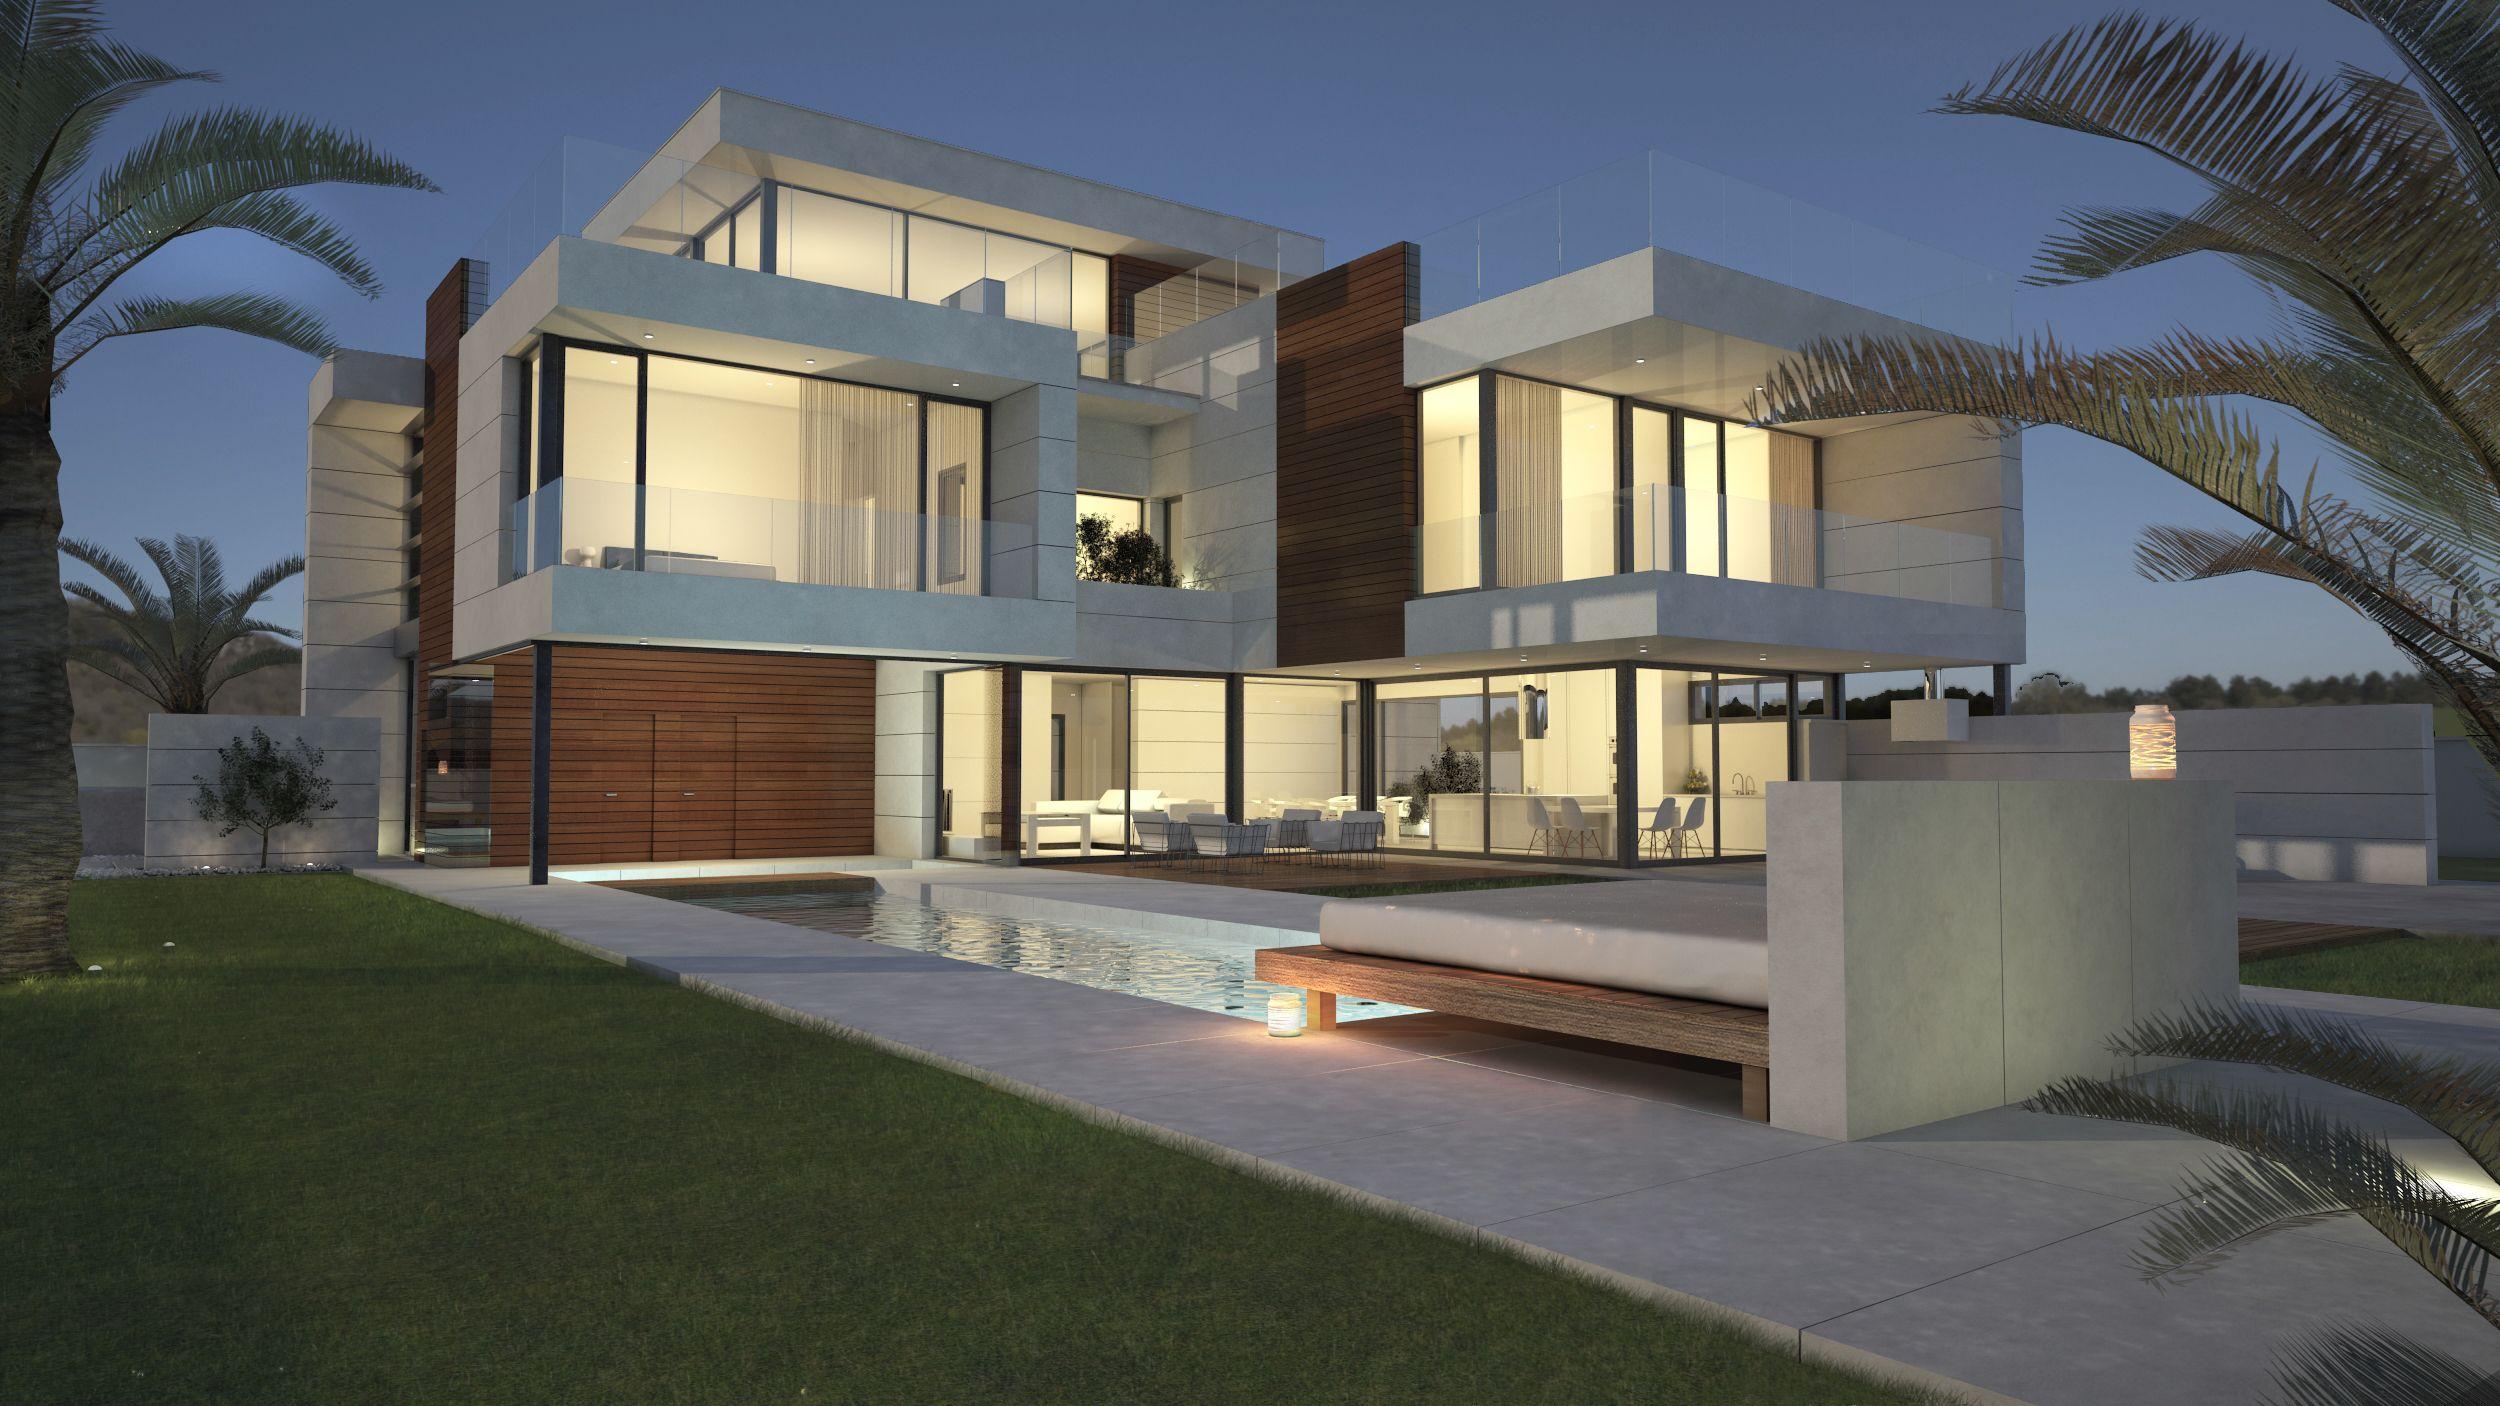 Render fachada principal para vivienda unifamilar dise o - Fachadas viviendas unifamiliares ...